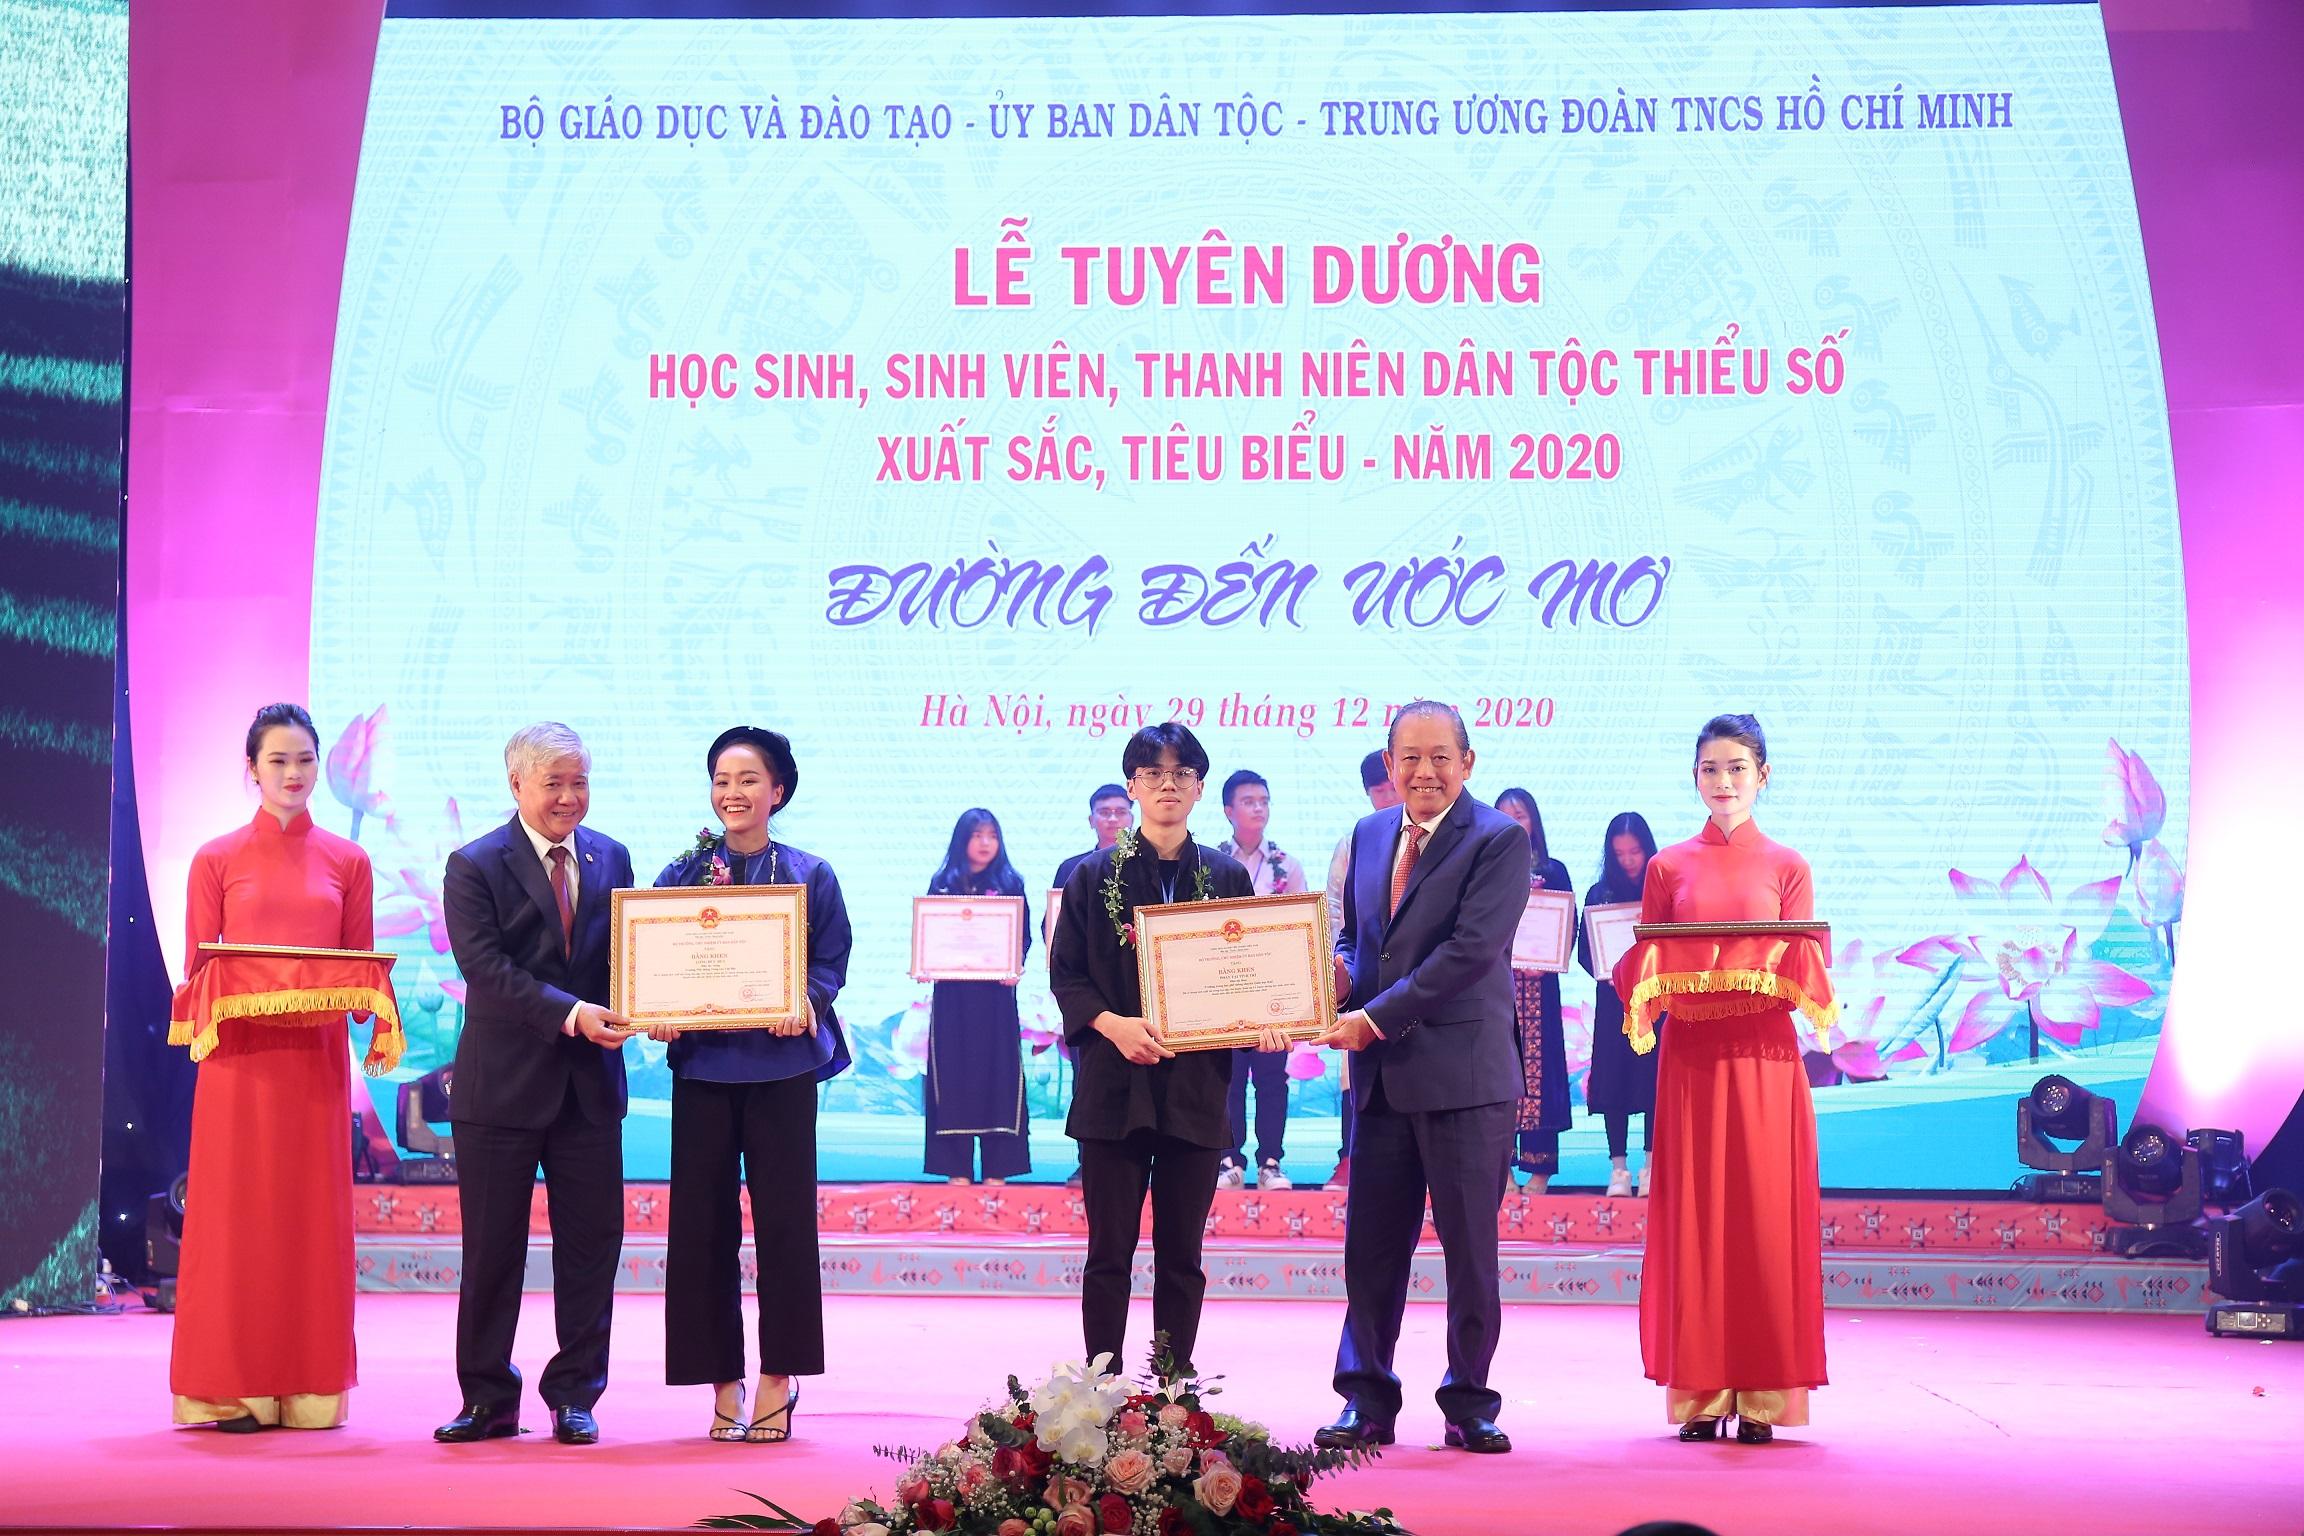 Phó Thủ tướng Thường trực Chính phủ Trương Hòa Bình và Bộ trưởng, Chủ nhiệm UBDT Đỗ Văn Chiến trao Bằng khen cho các em đoạt giải các kỳ thi học sinh giỏi quốc gia, các cuộc thi nghệ thuật thể thao toàn quốc, châu Á và quốc tế